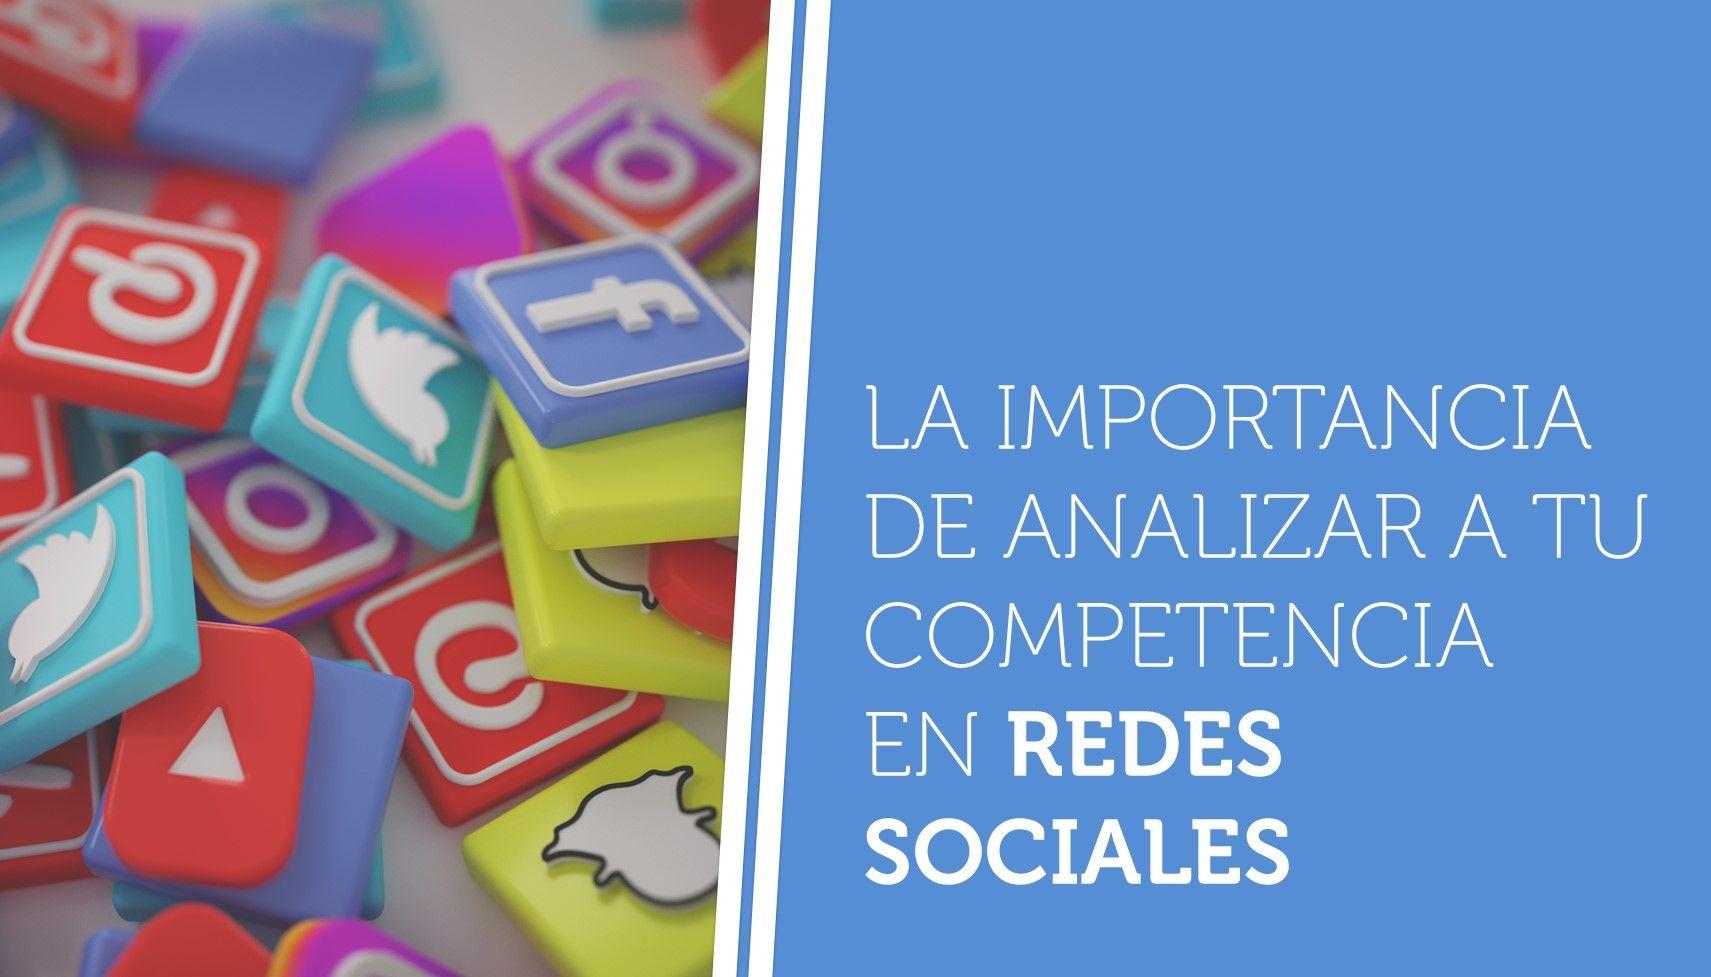 La importancia de analizar a tu competencia en redes sociales